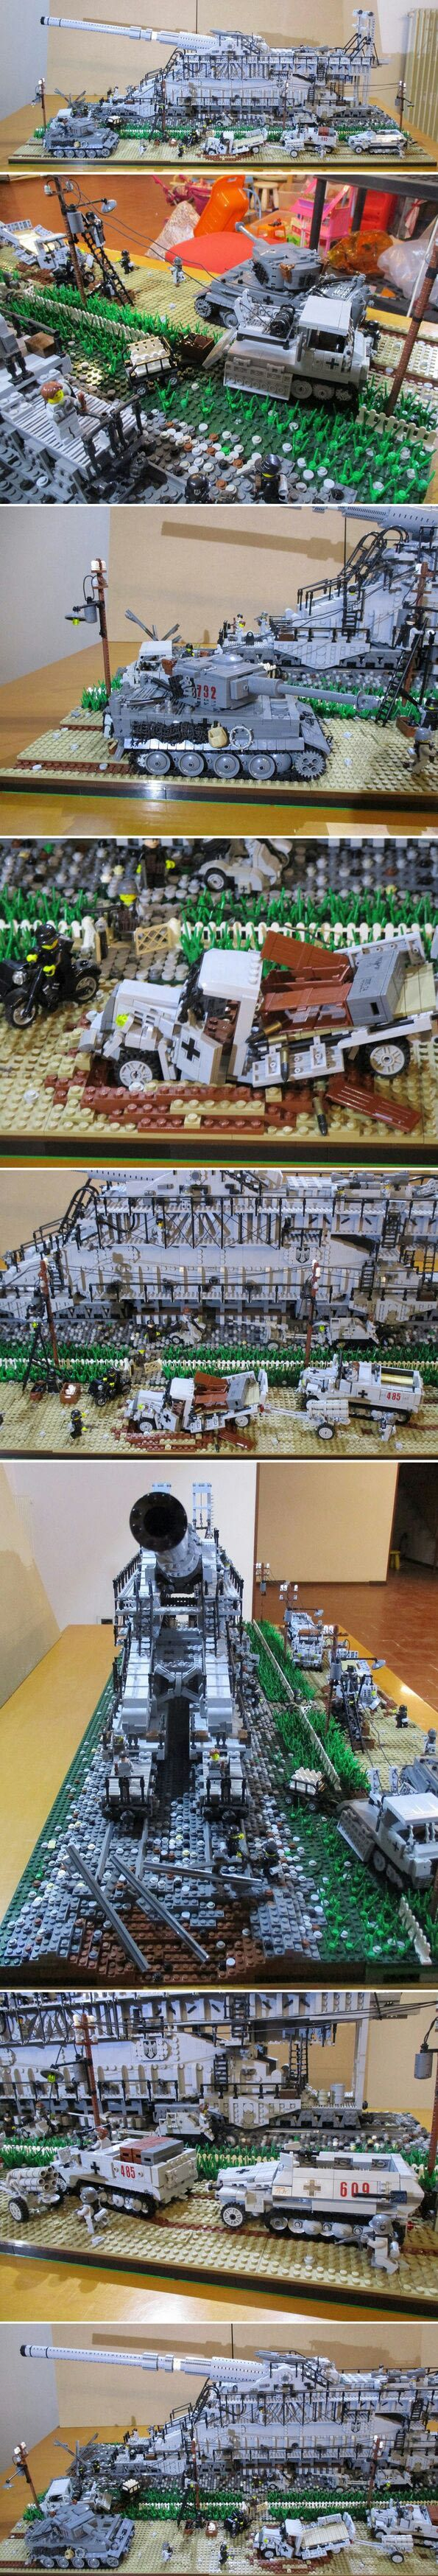 Schienengeschütz schwerer Gustav - Lego style